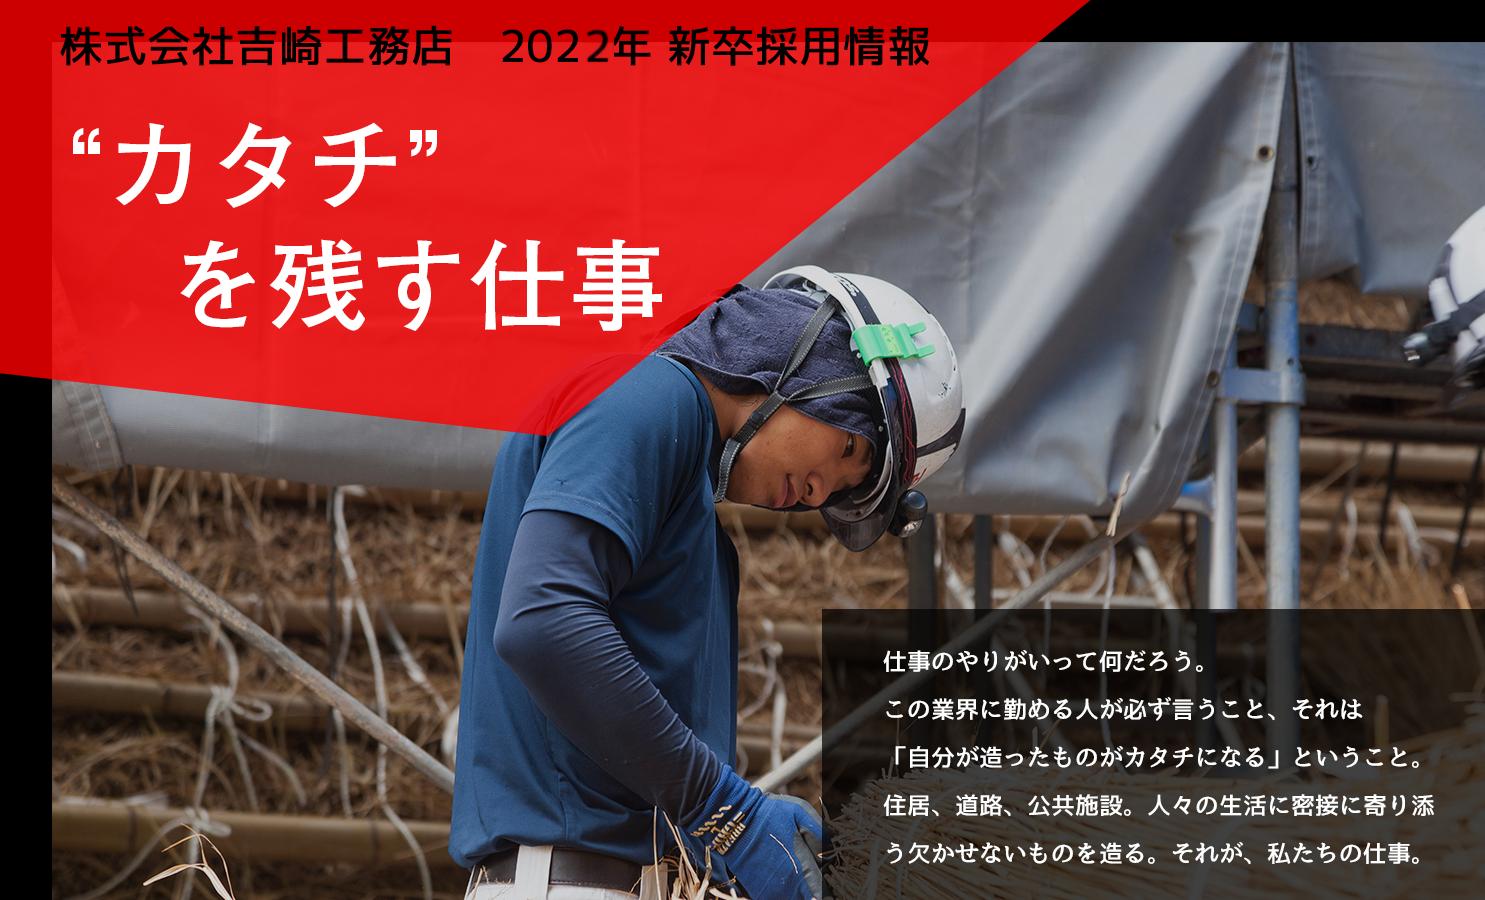 吉崎工務店新卒採用2022年